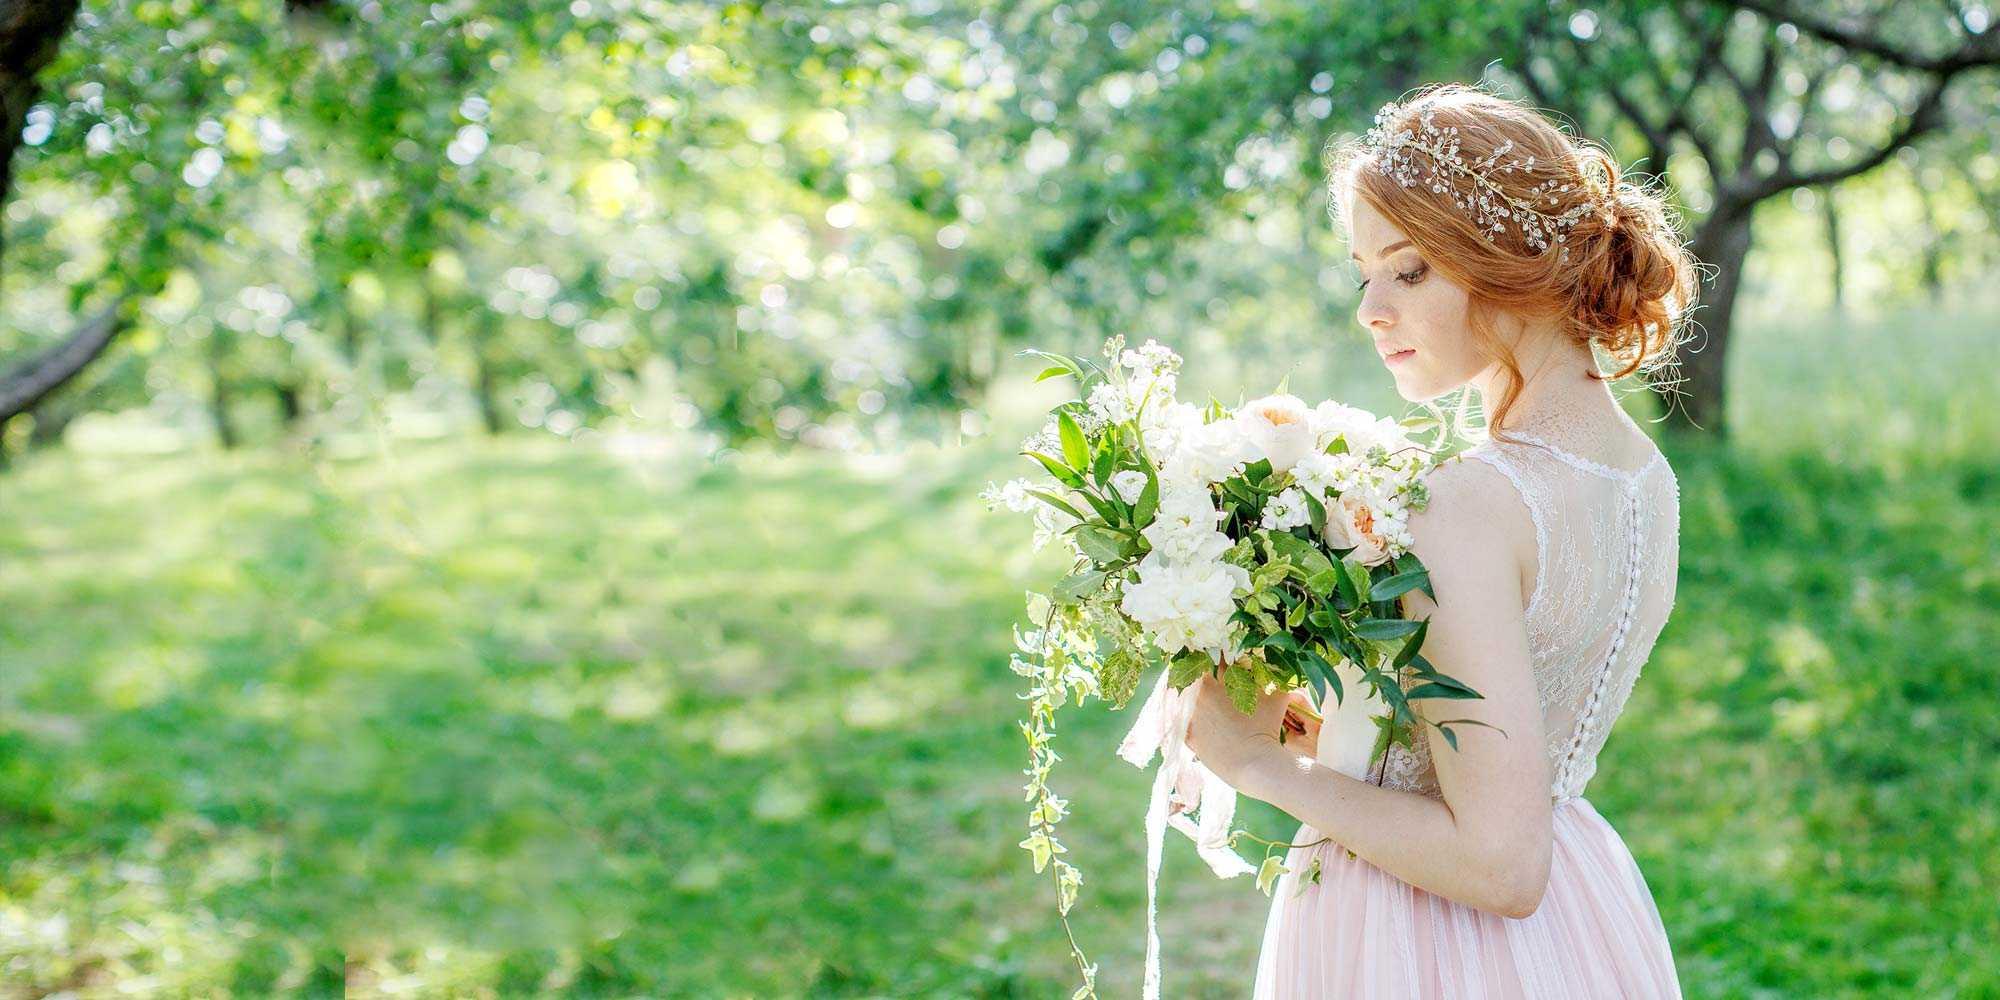 c80688b687f7fe3 Свадебный фотограф в Москве | недорогая свадебная фотосъемка, услуги